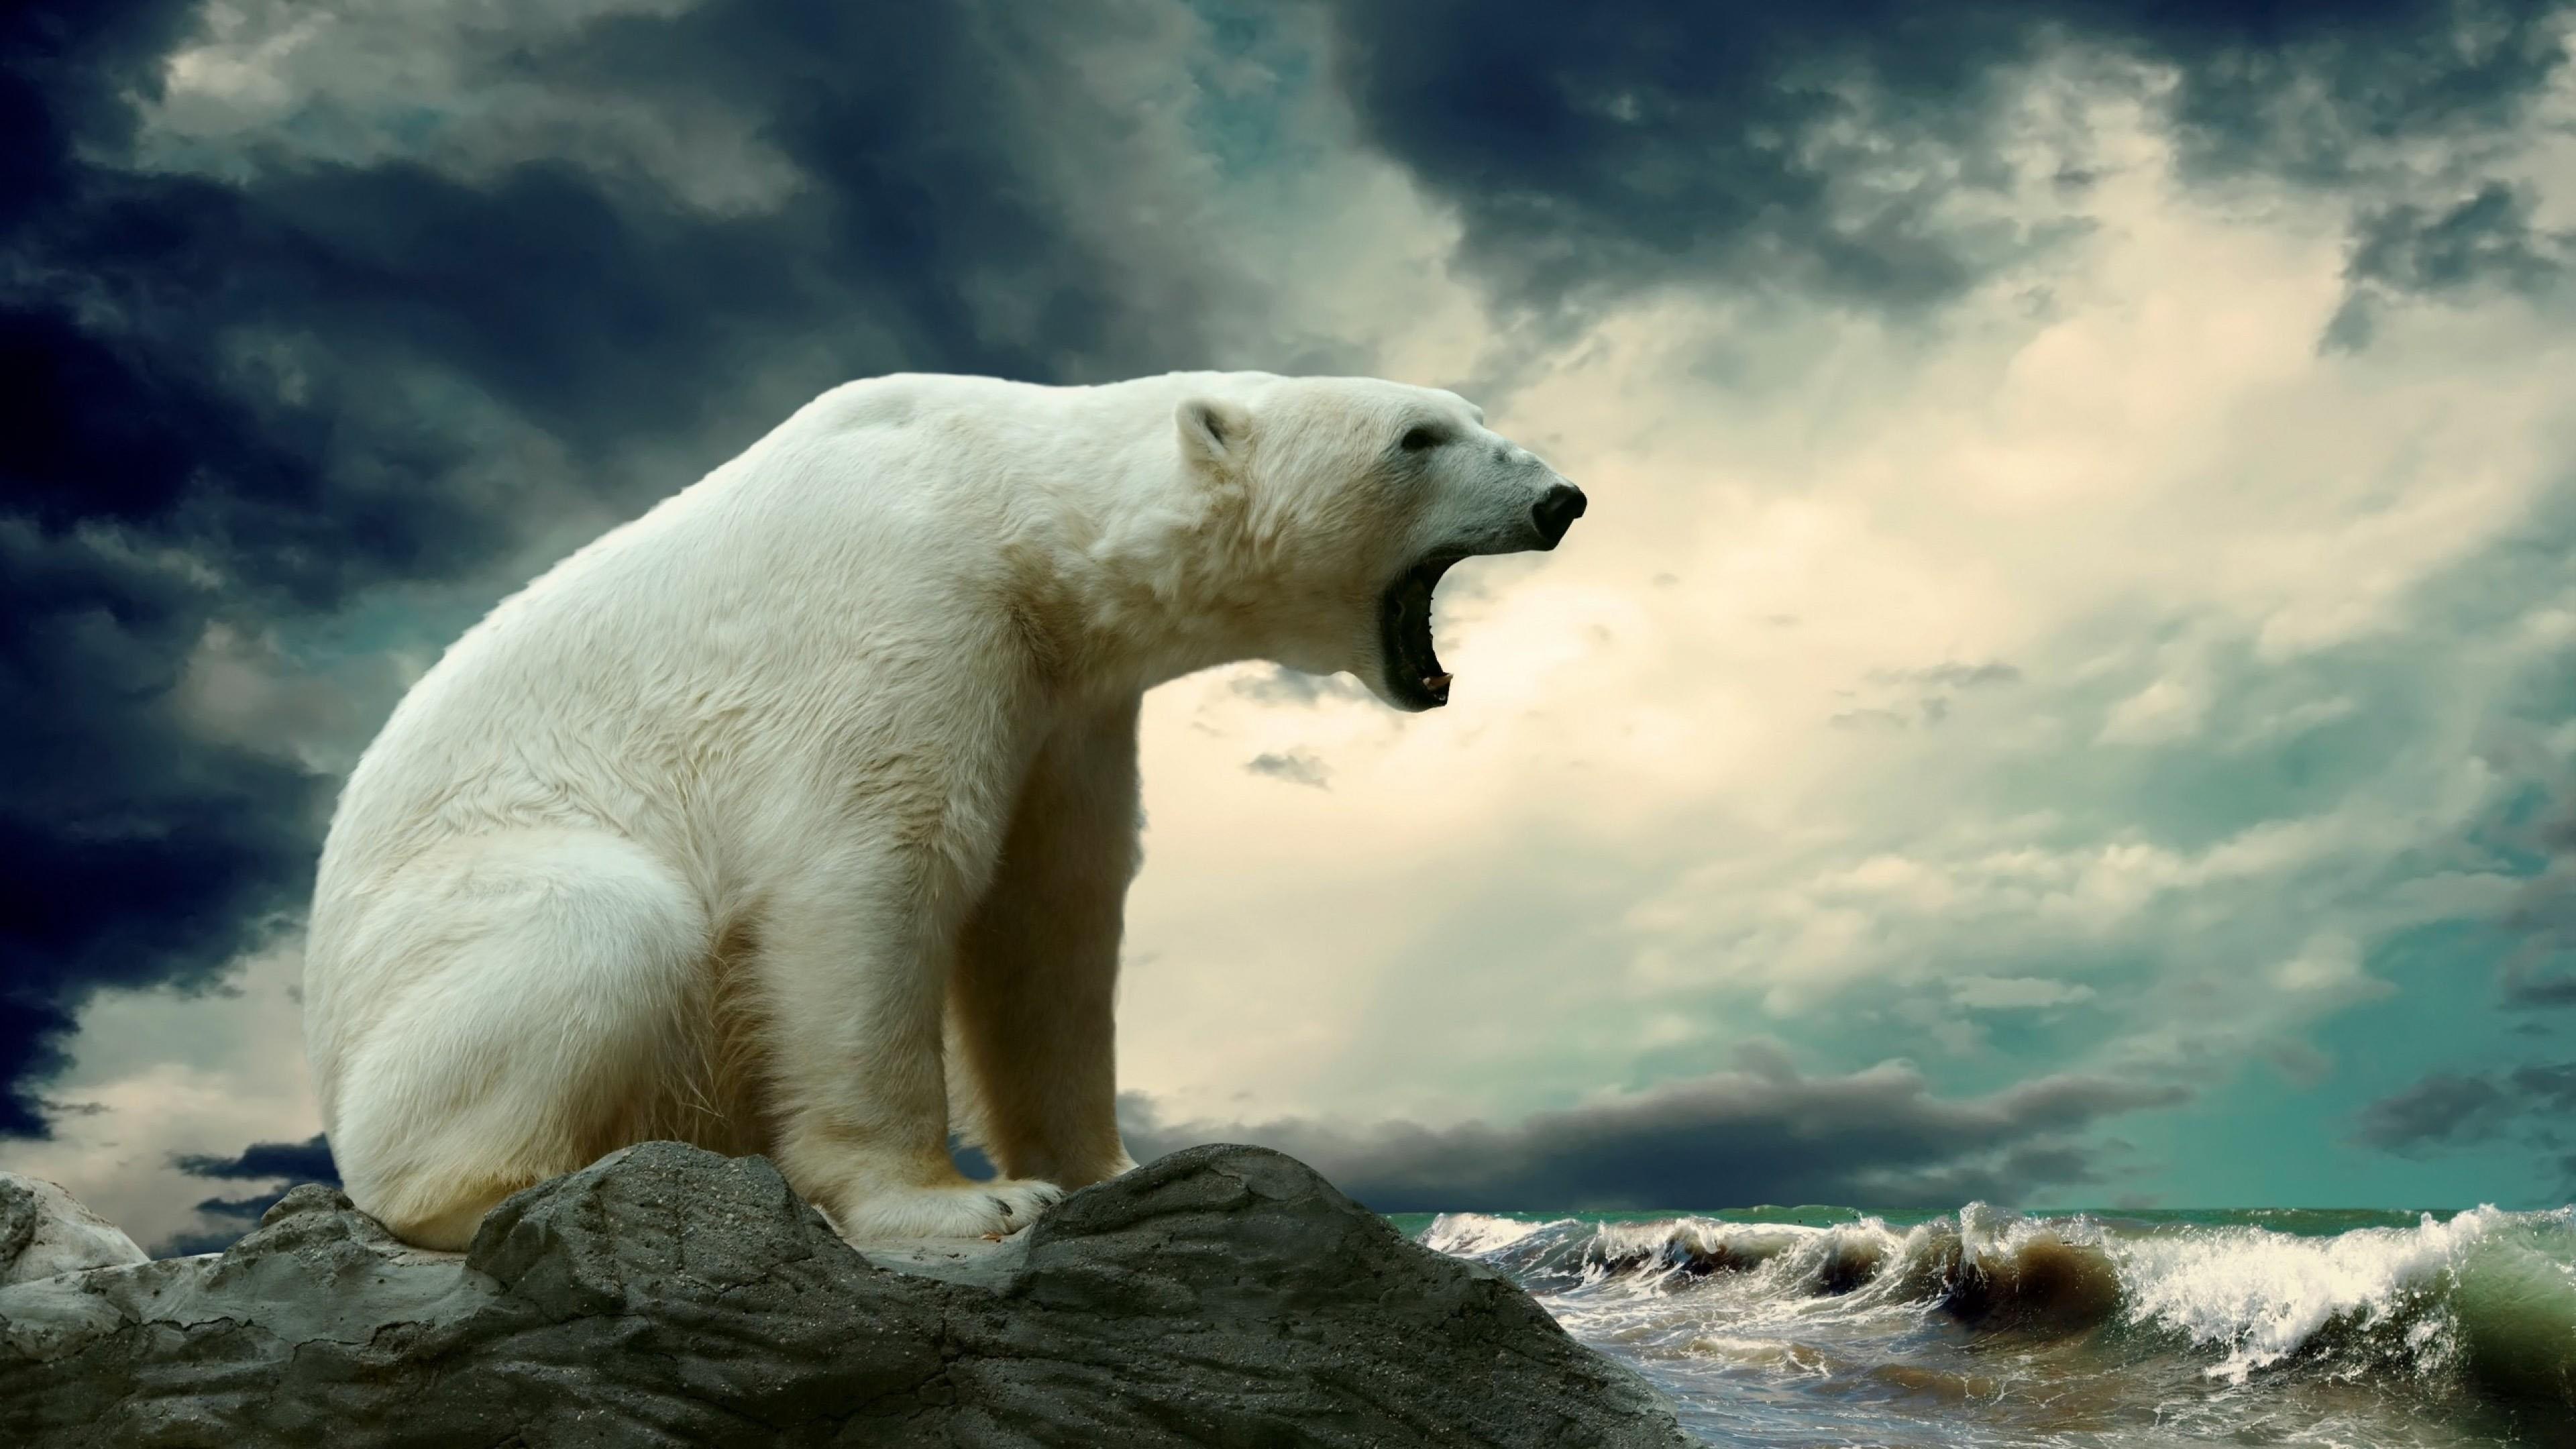 Большой,белый северный медведь на льдине в волнах Ледовитого океана с открытой пастью вышел на охоту